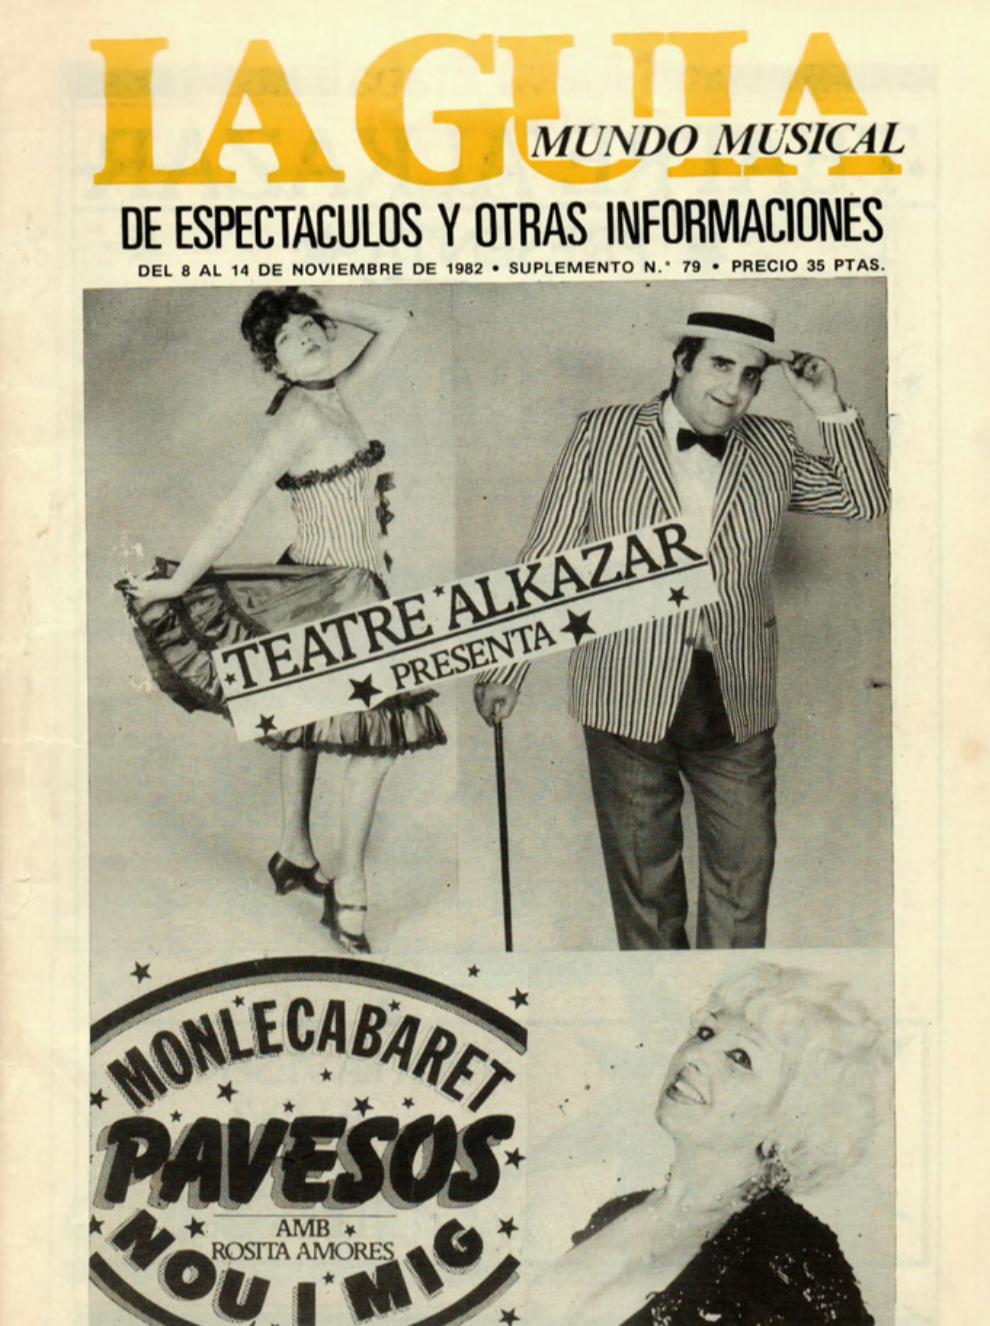 1982 Pavesos Nou i Mig Teatre Alkázar La Guia 8 novembre Merxe Banyuls per R. Ventura Melià